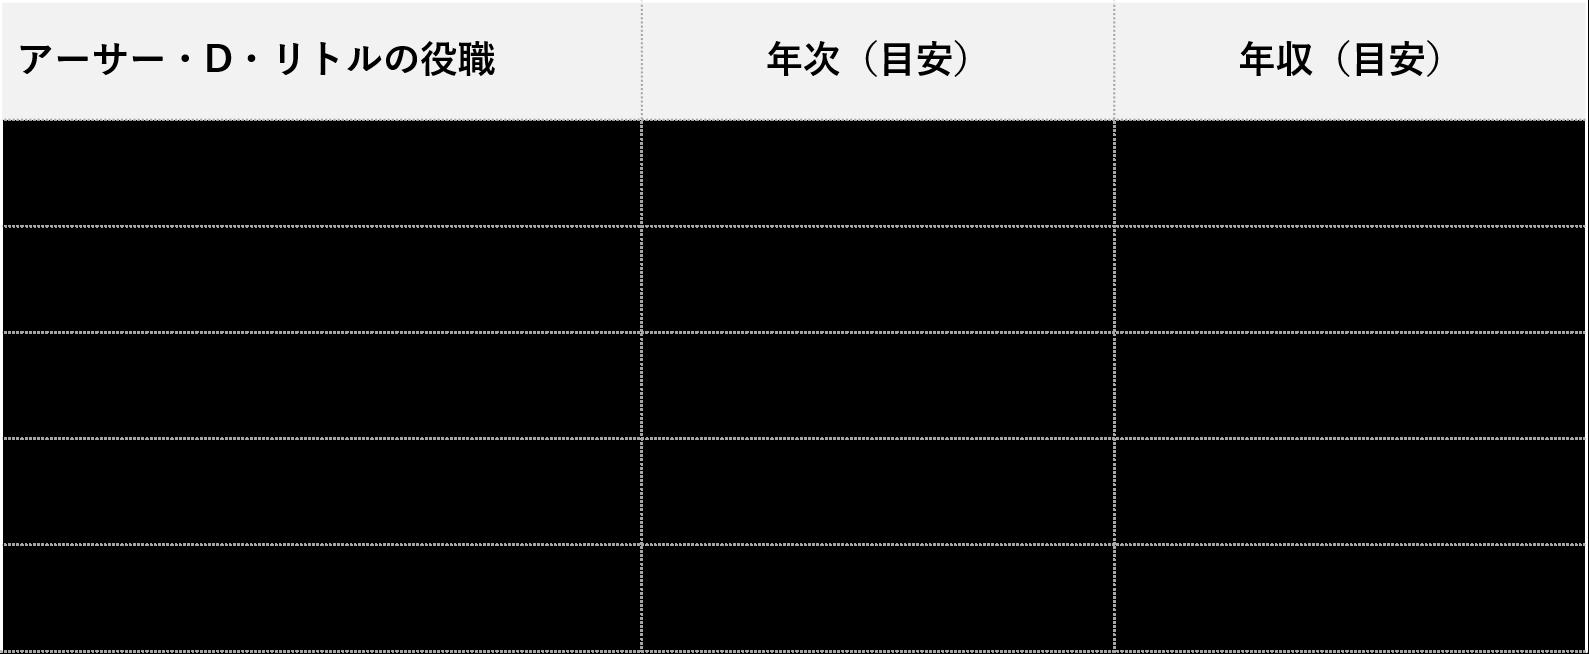 アーサー・D・リトル_役職別年収